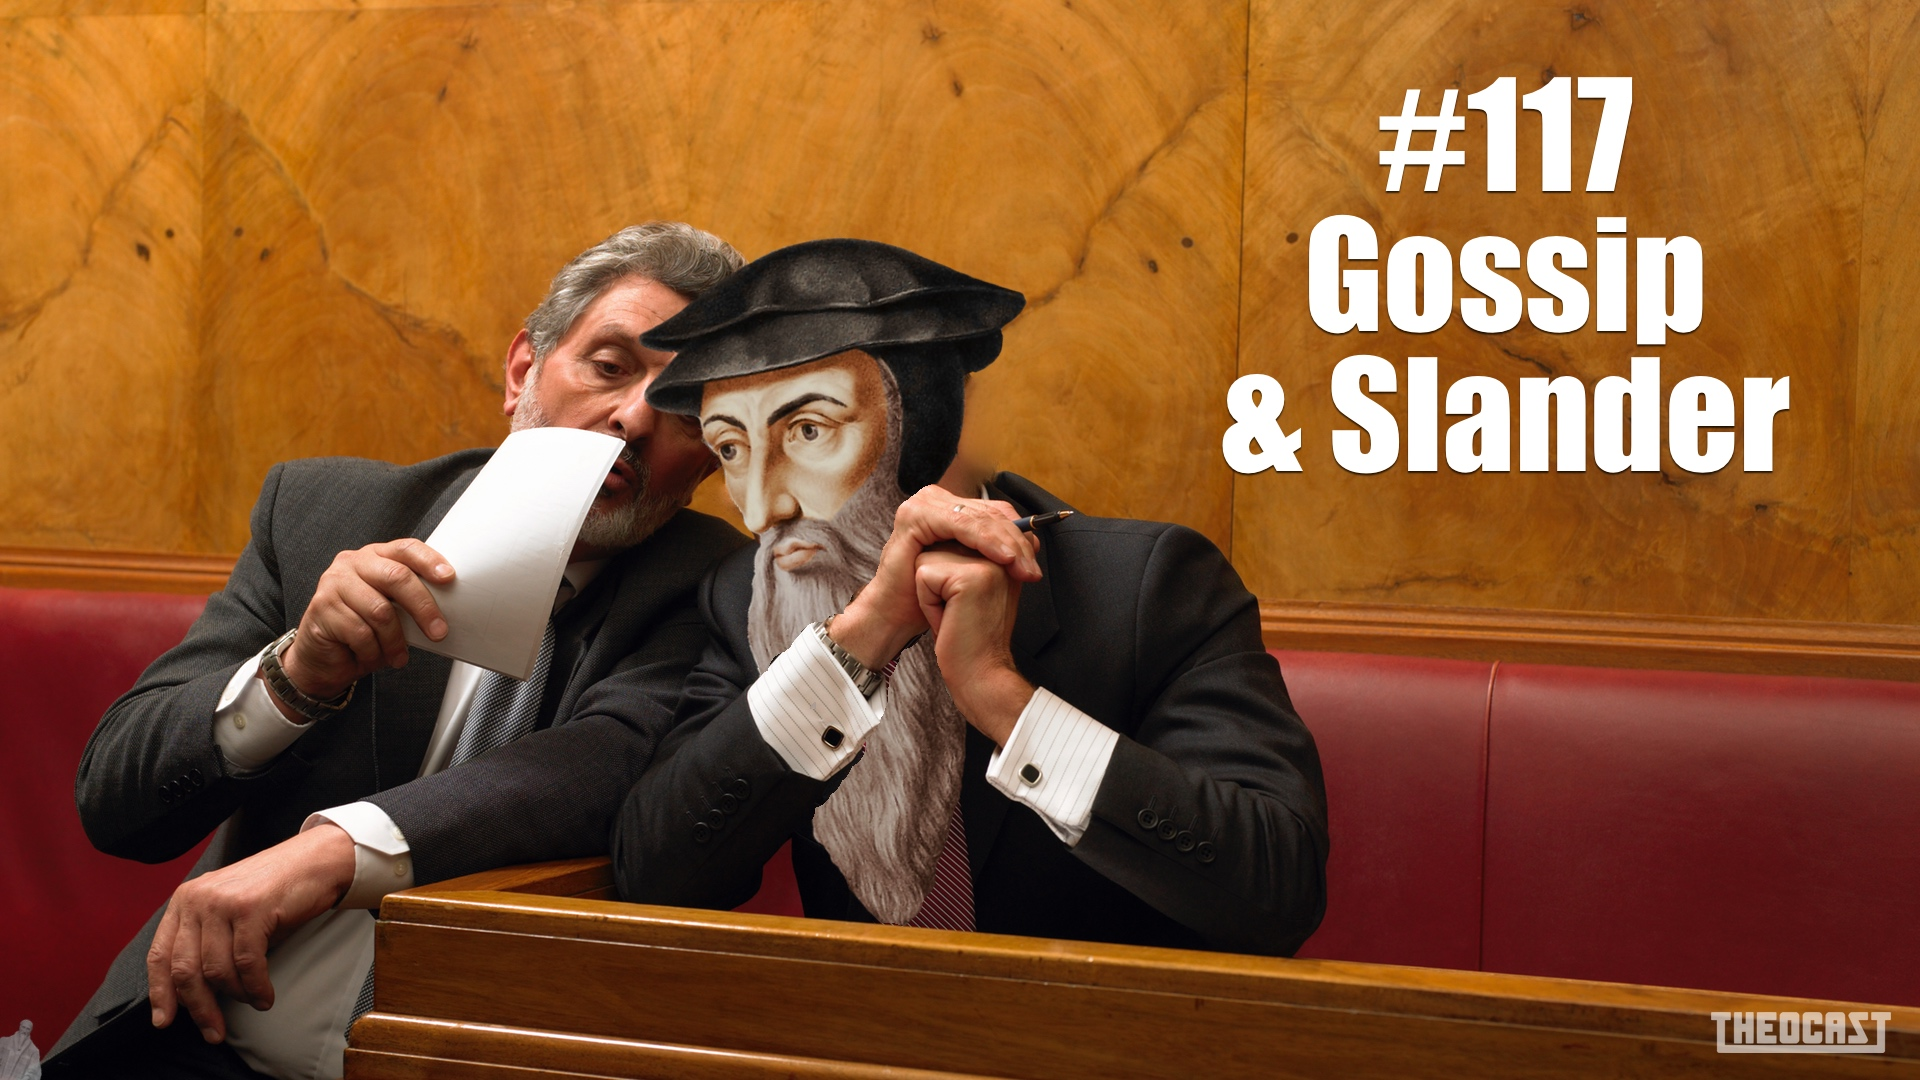 #117 Gossip & Slander